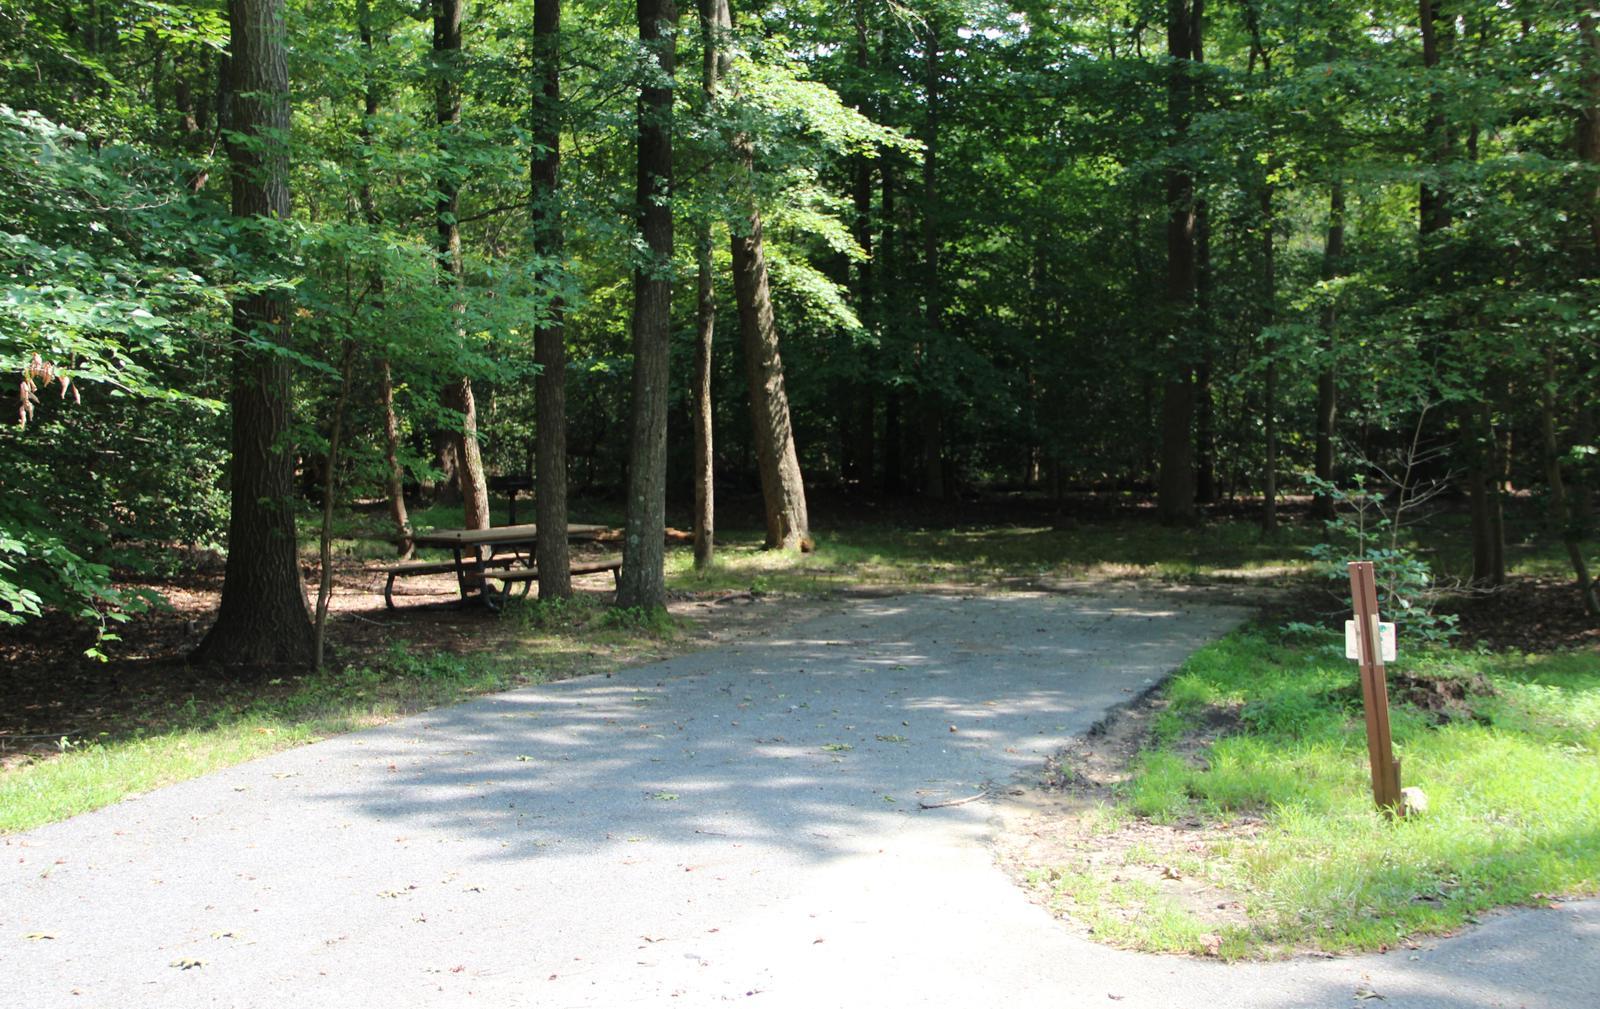 Greenbelt Park Campground Site 77